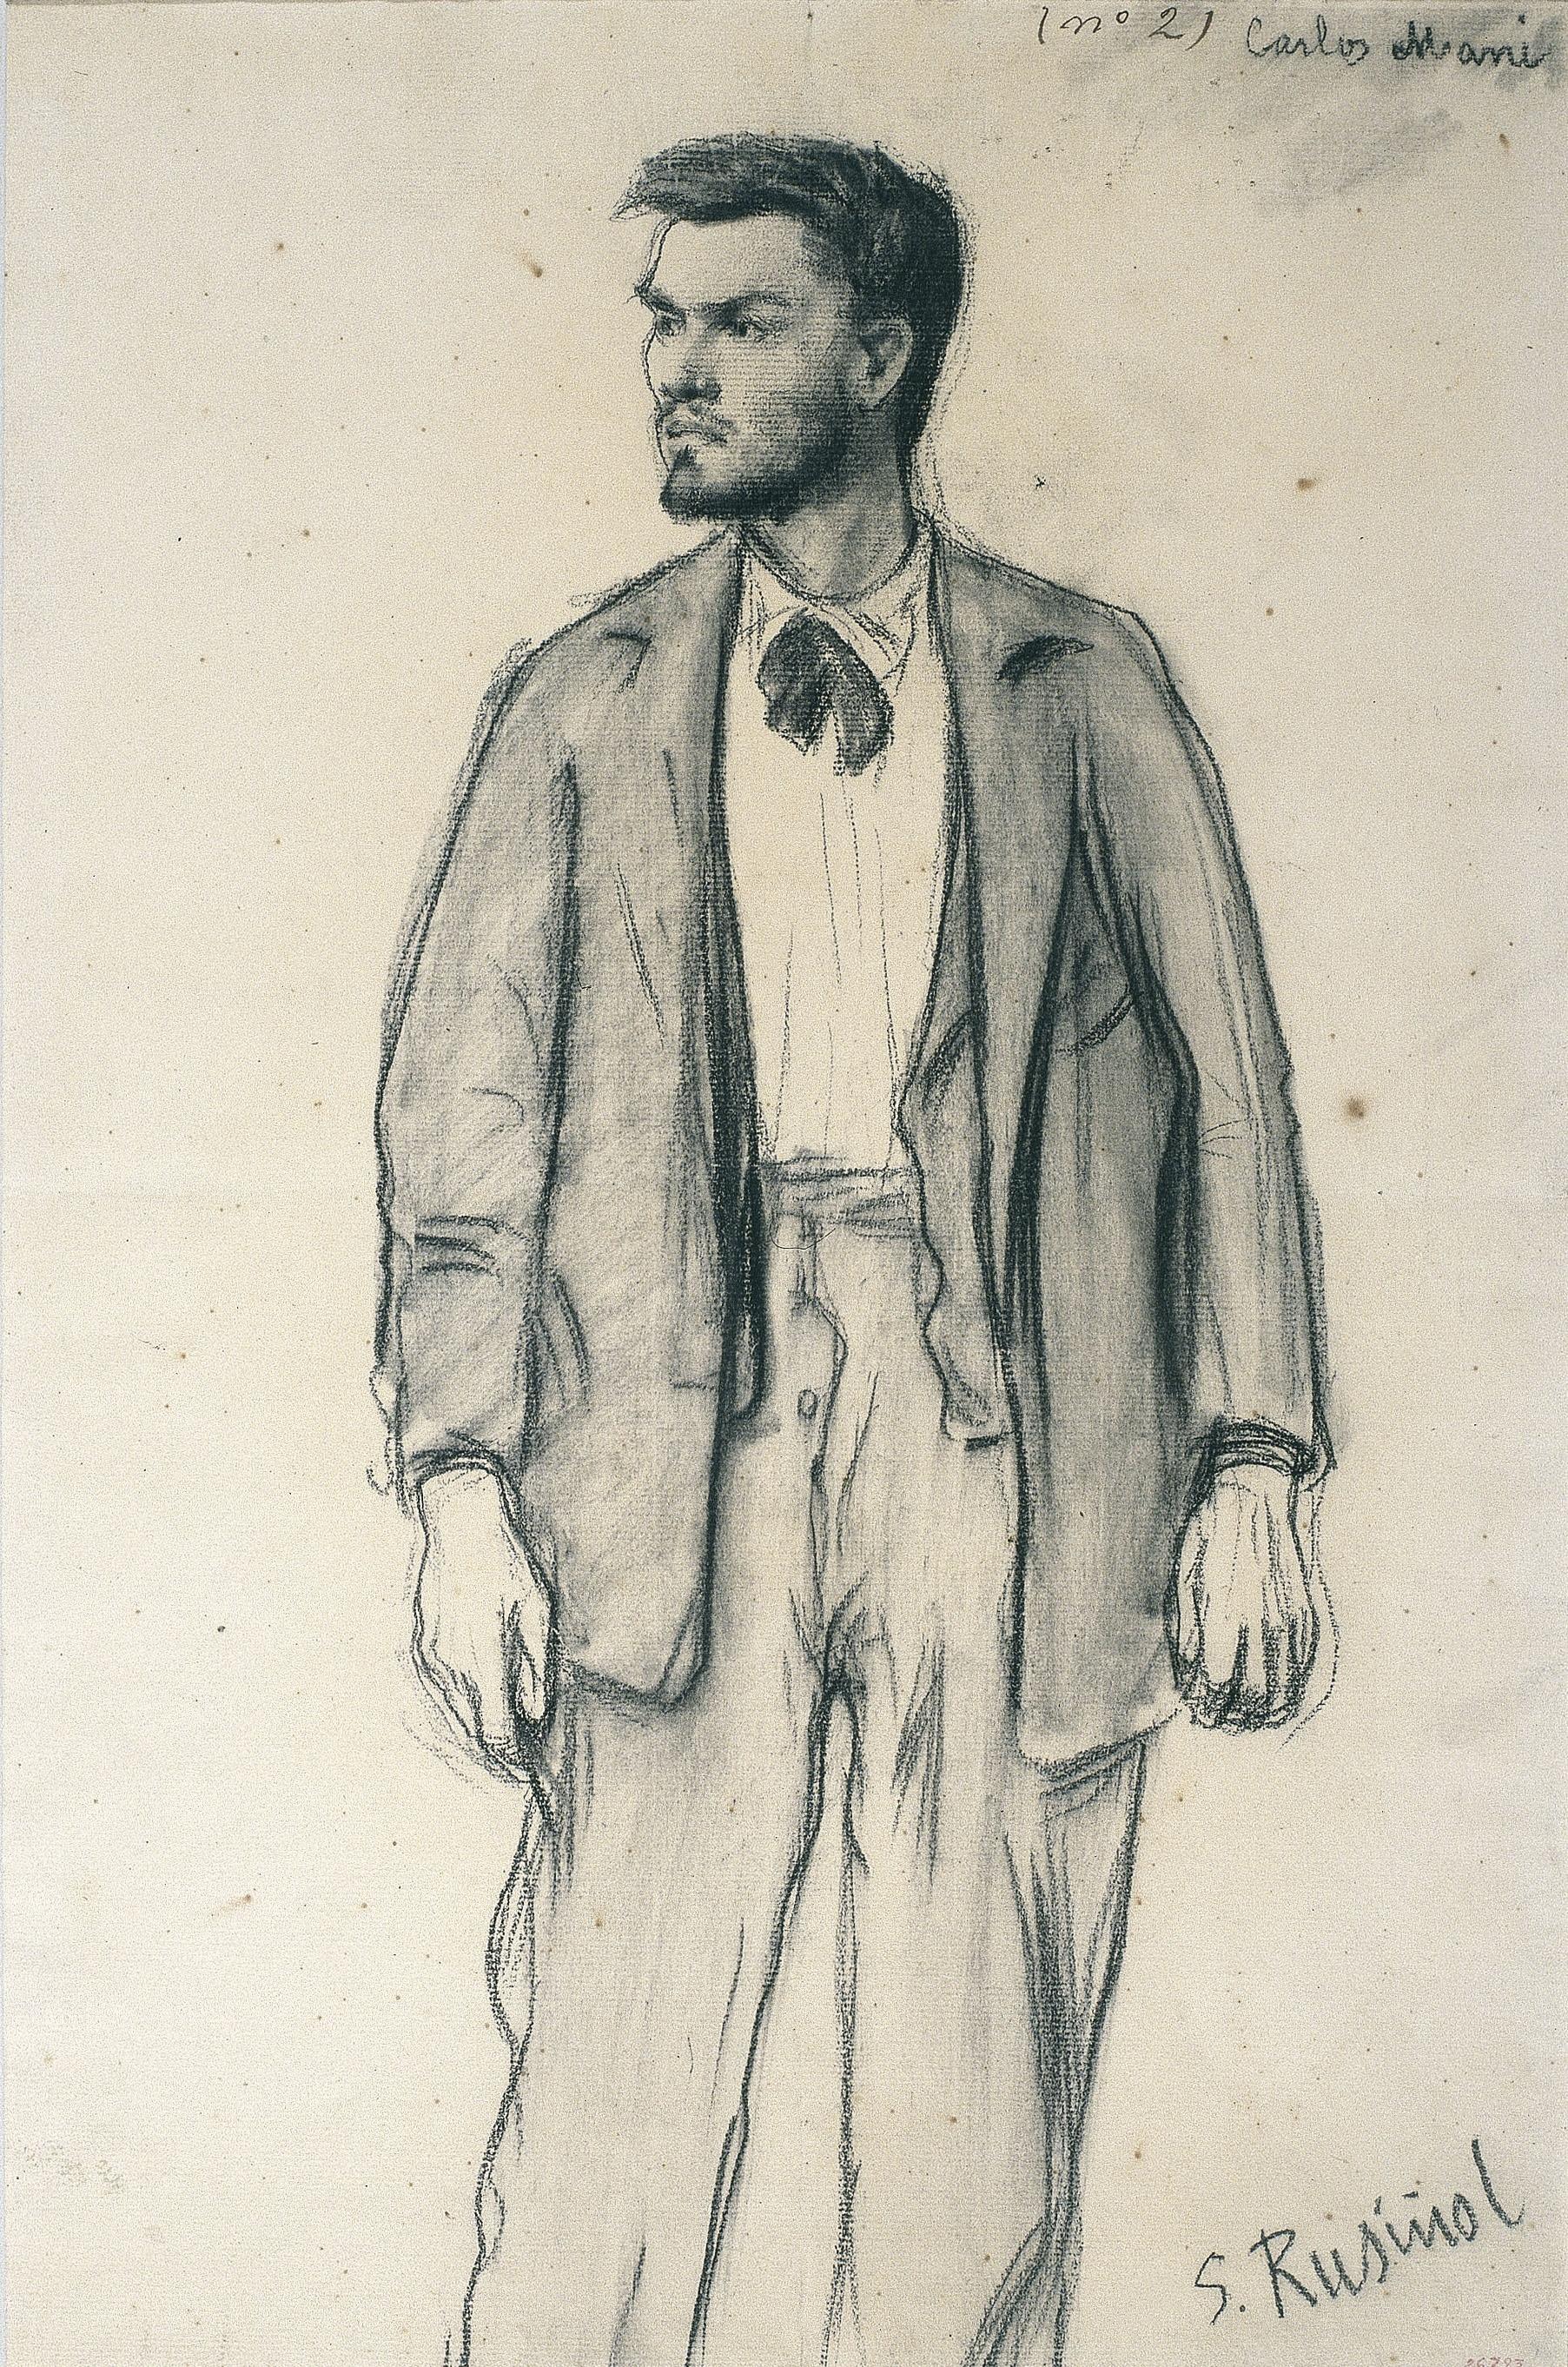 Santiago Rusiñol - Retrat de Carles Mani - 1895